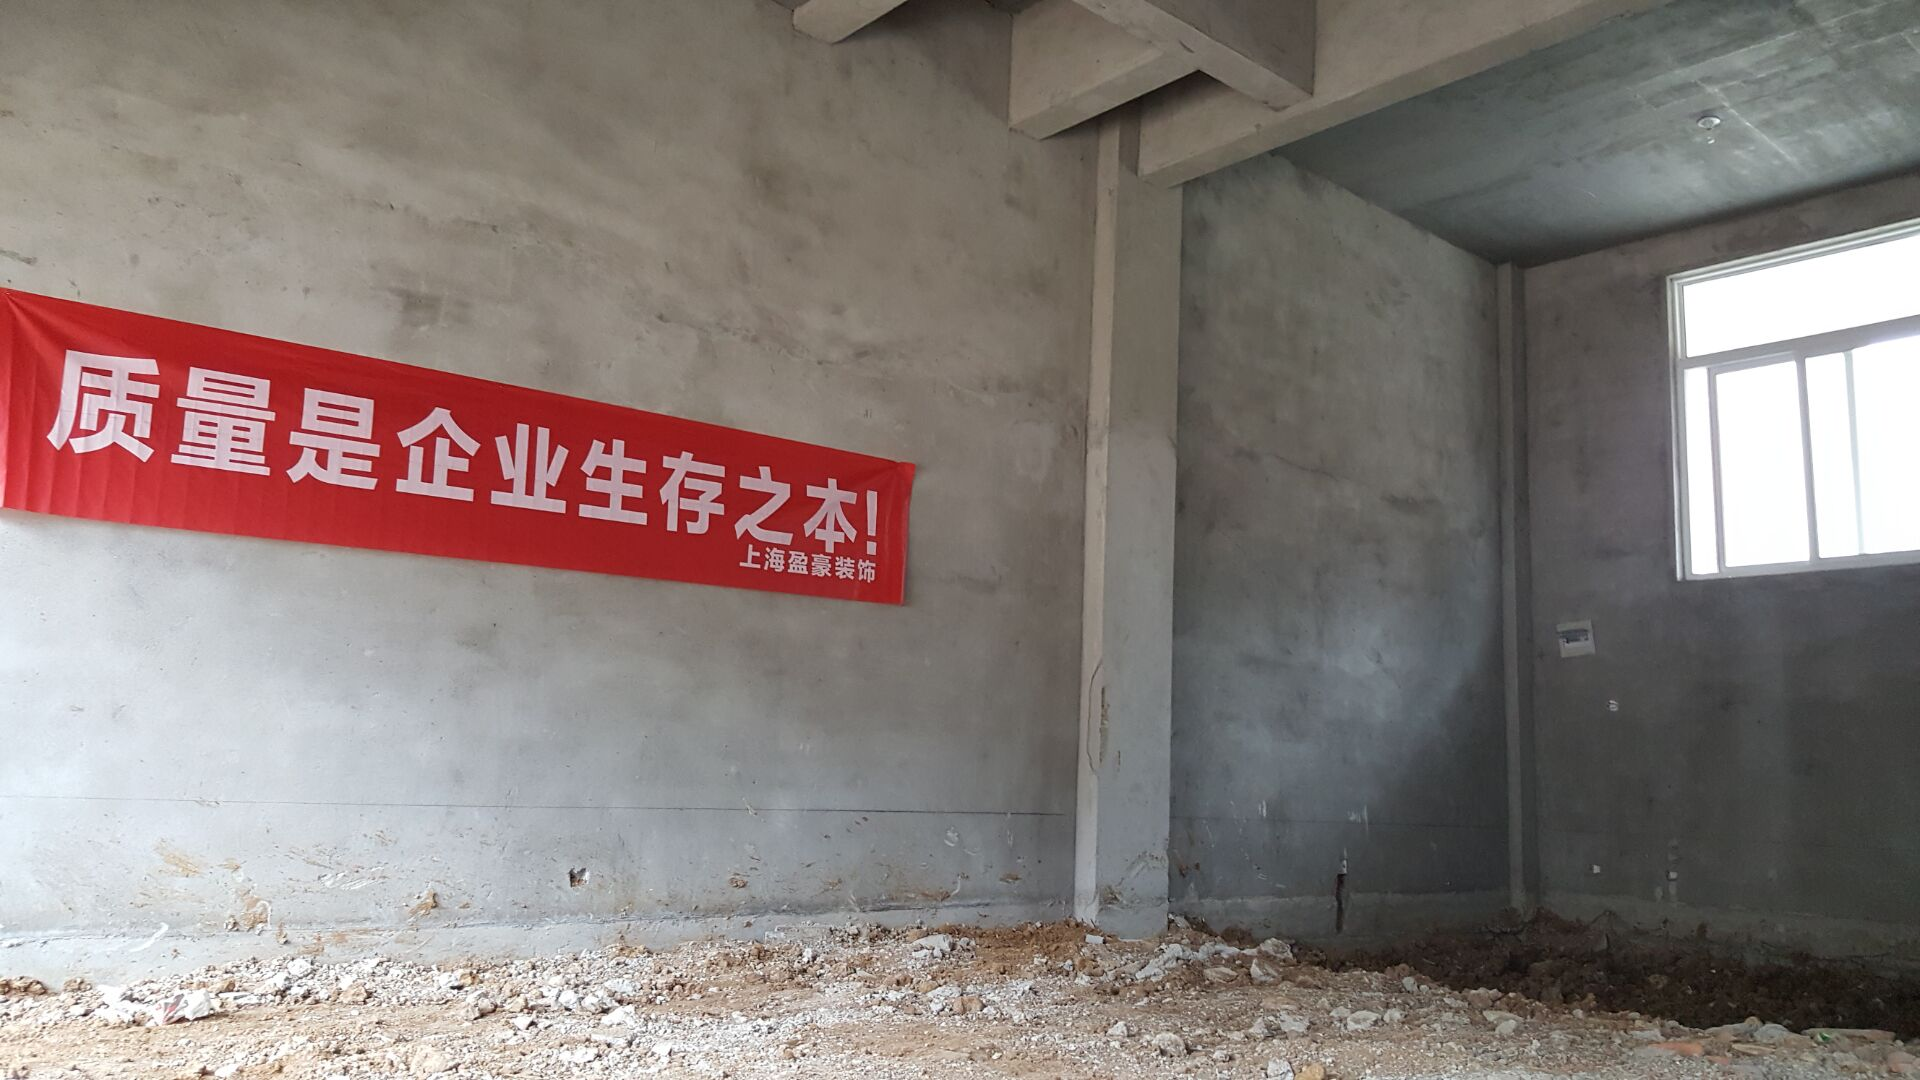 首页 装修公司 上海盈豪建筑装饰工程有限公司 装修工地